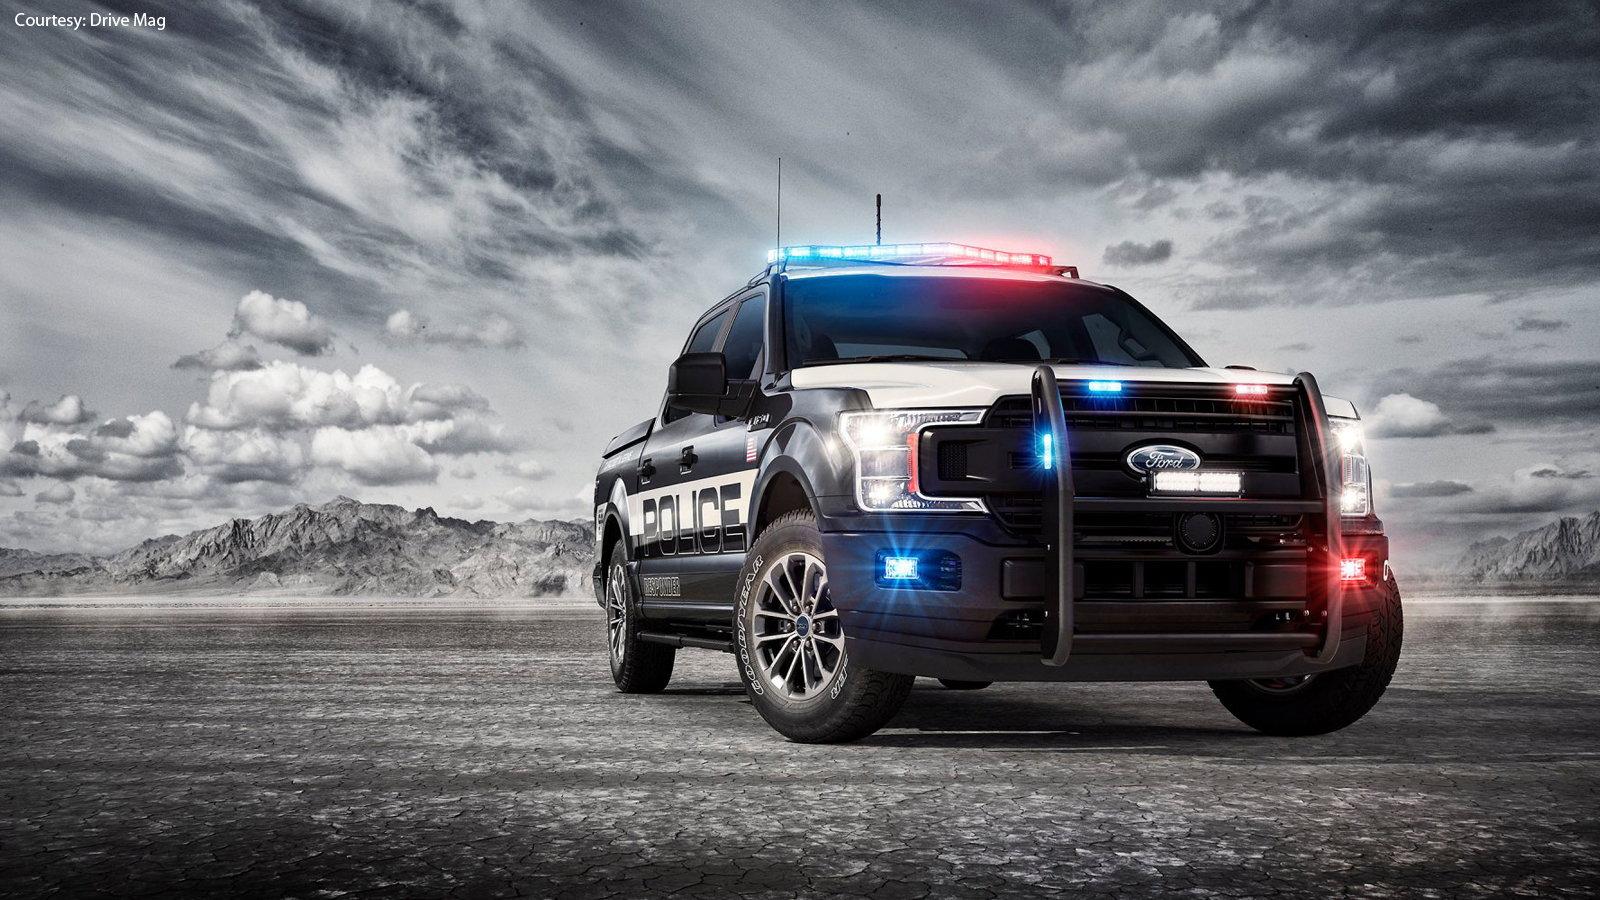 The Law Enforcement Truck